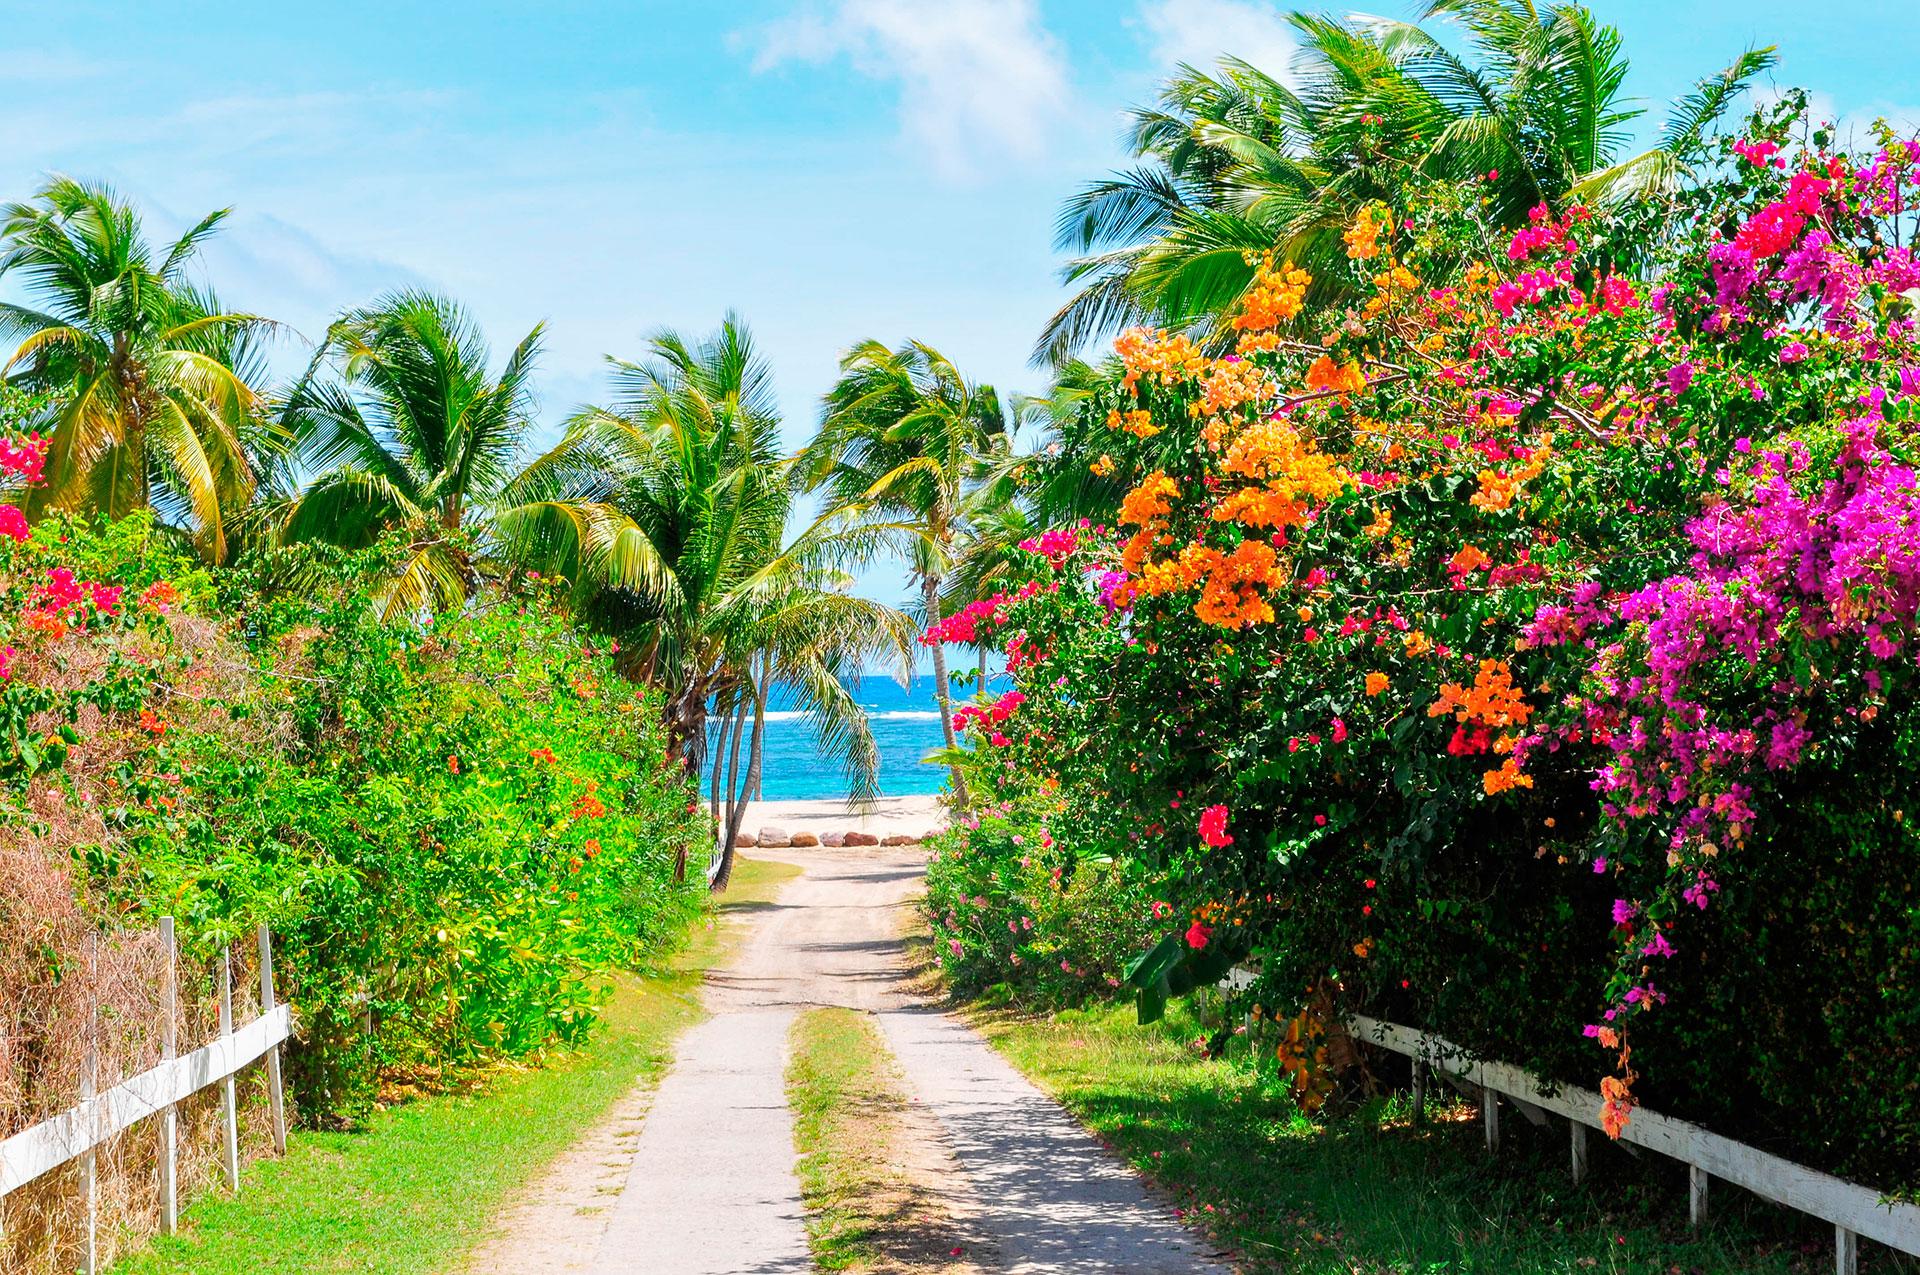 Puede que sea más pequeña que St. Kitts, pero Nevis tiene lo suyo. El lugar de nacimiento de Alexander Hamilton es casi perfectamente redondo, con suaves pendientes que se elevan hasta la cima de su volcán inactivo, y la isla es conocida por sus posadas históricas y complejos turísticos de primera categoría